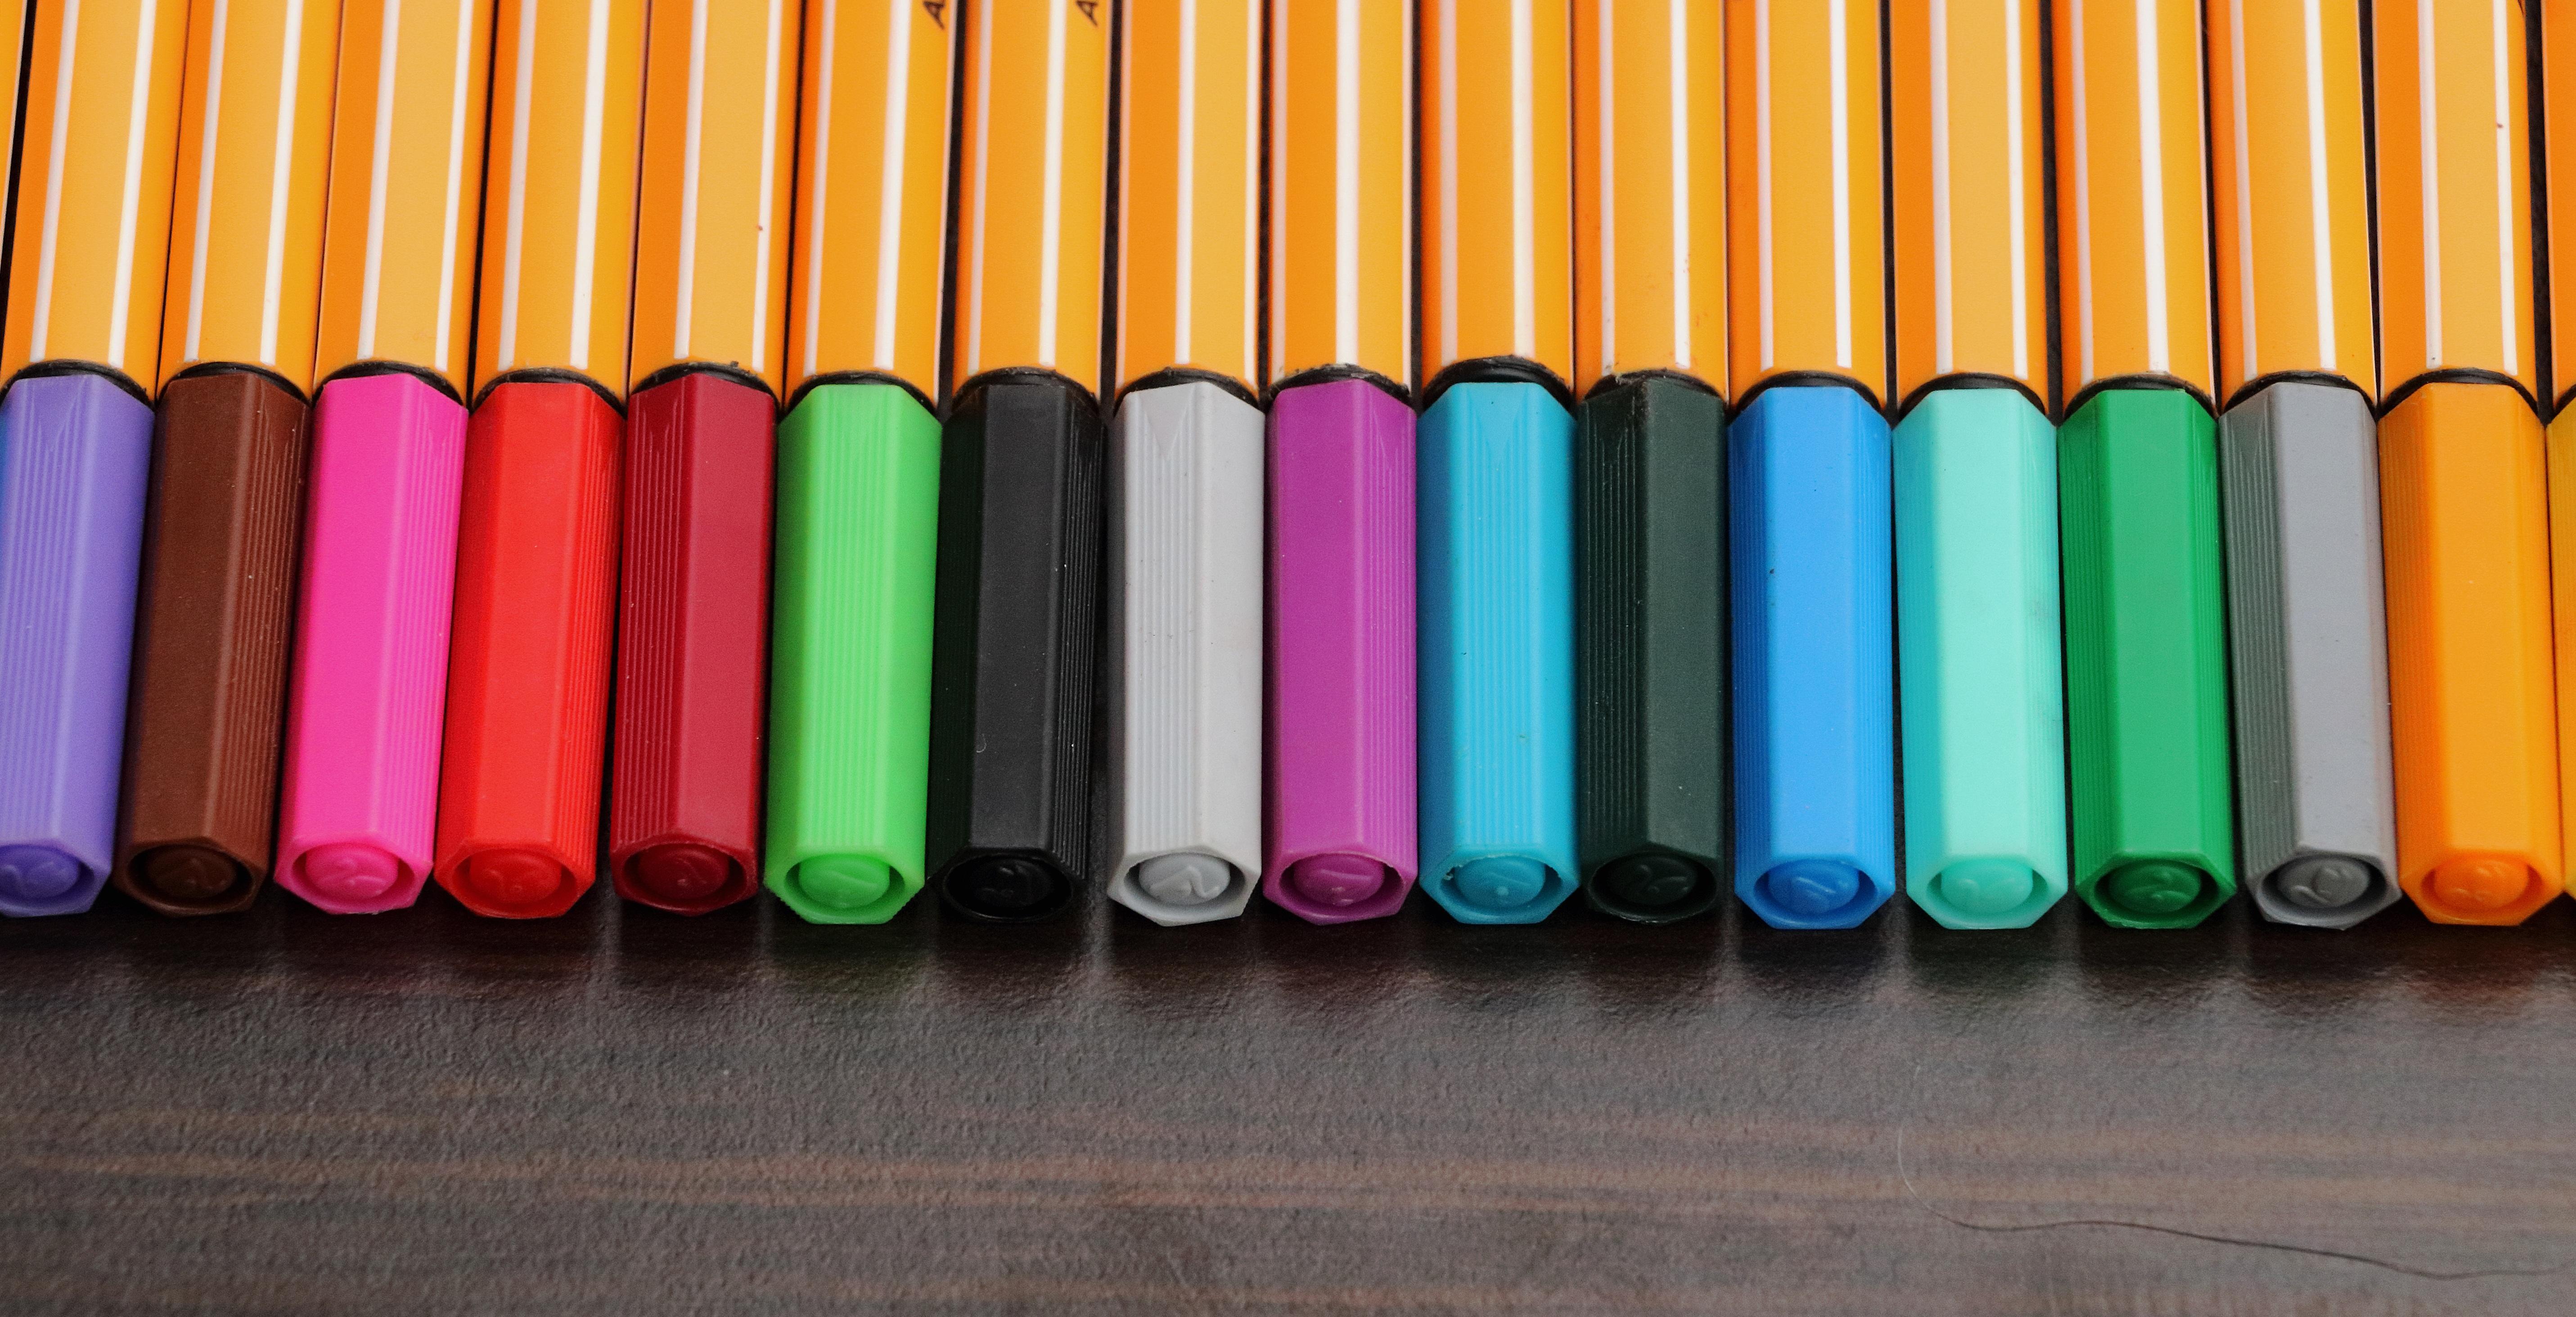 Fotos gratis color pintar vistoso pintura art - Colores para pintar ...